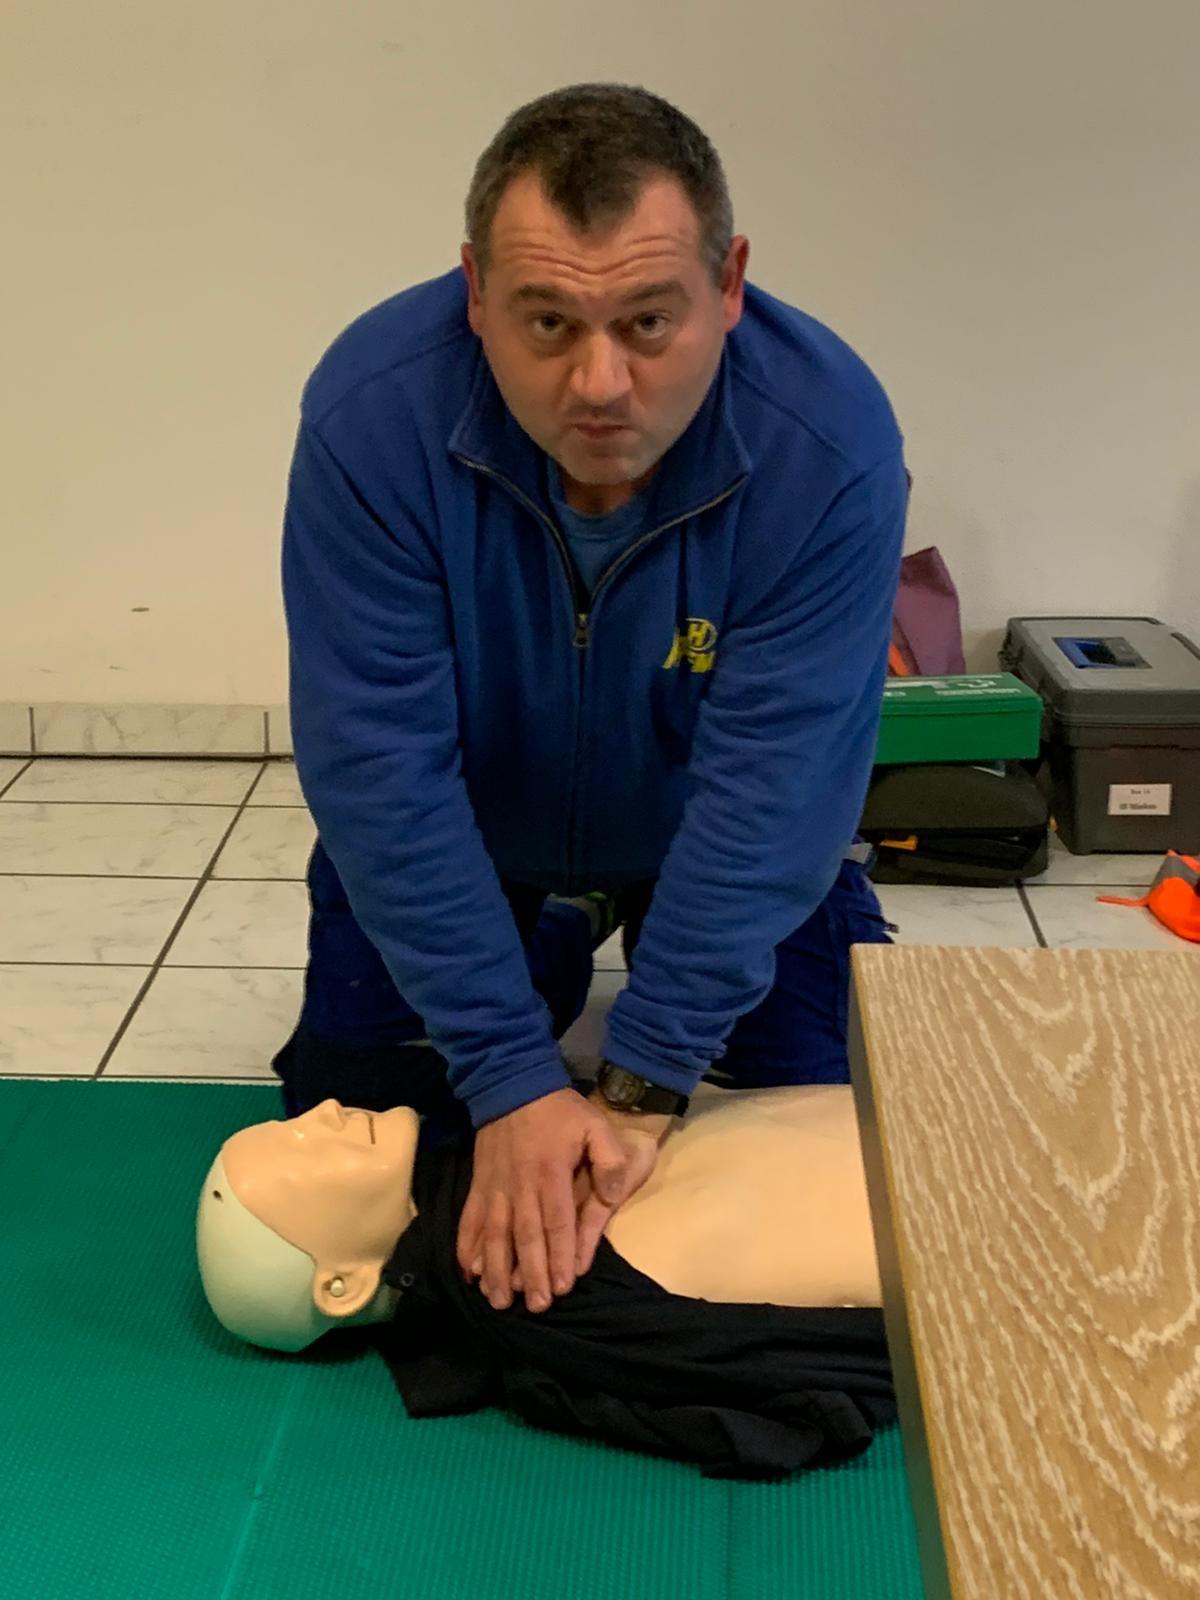 Erste Hilfe Übung bei Hoffmann unter vollem Einsatz. Sicherheit spielt bei uns eine wichtige Rolle.